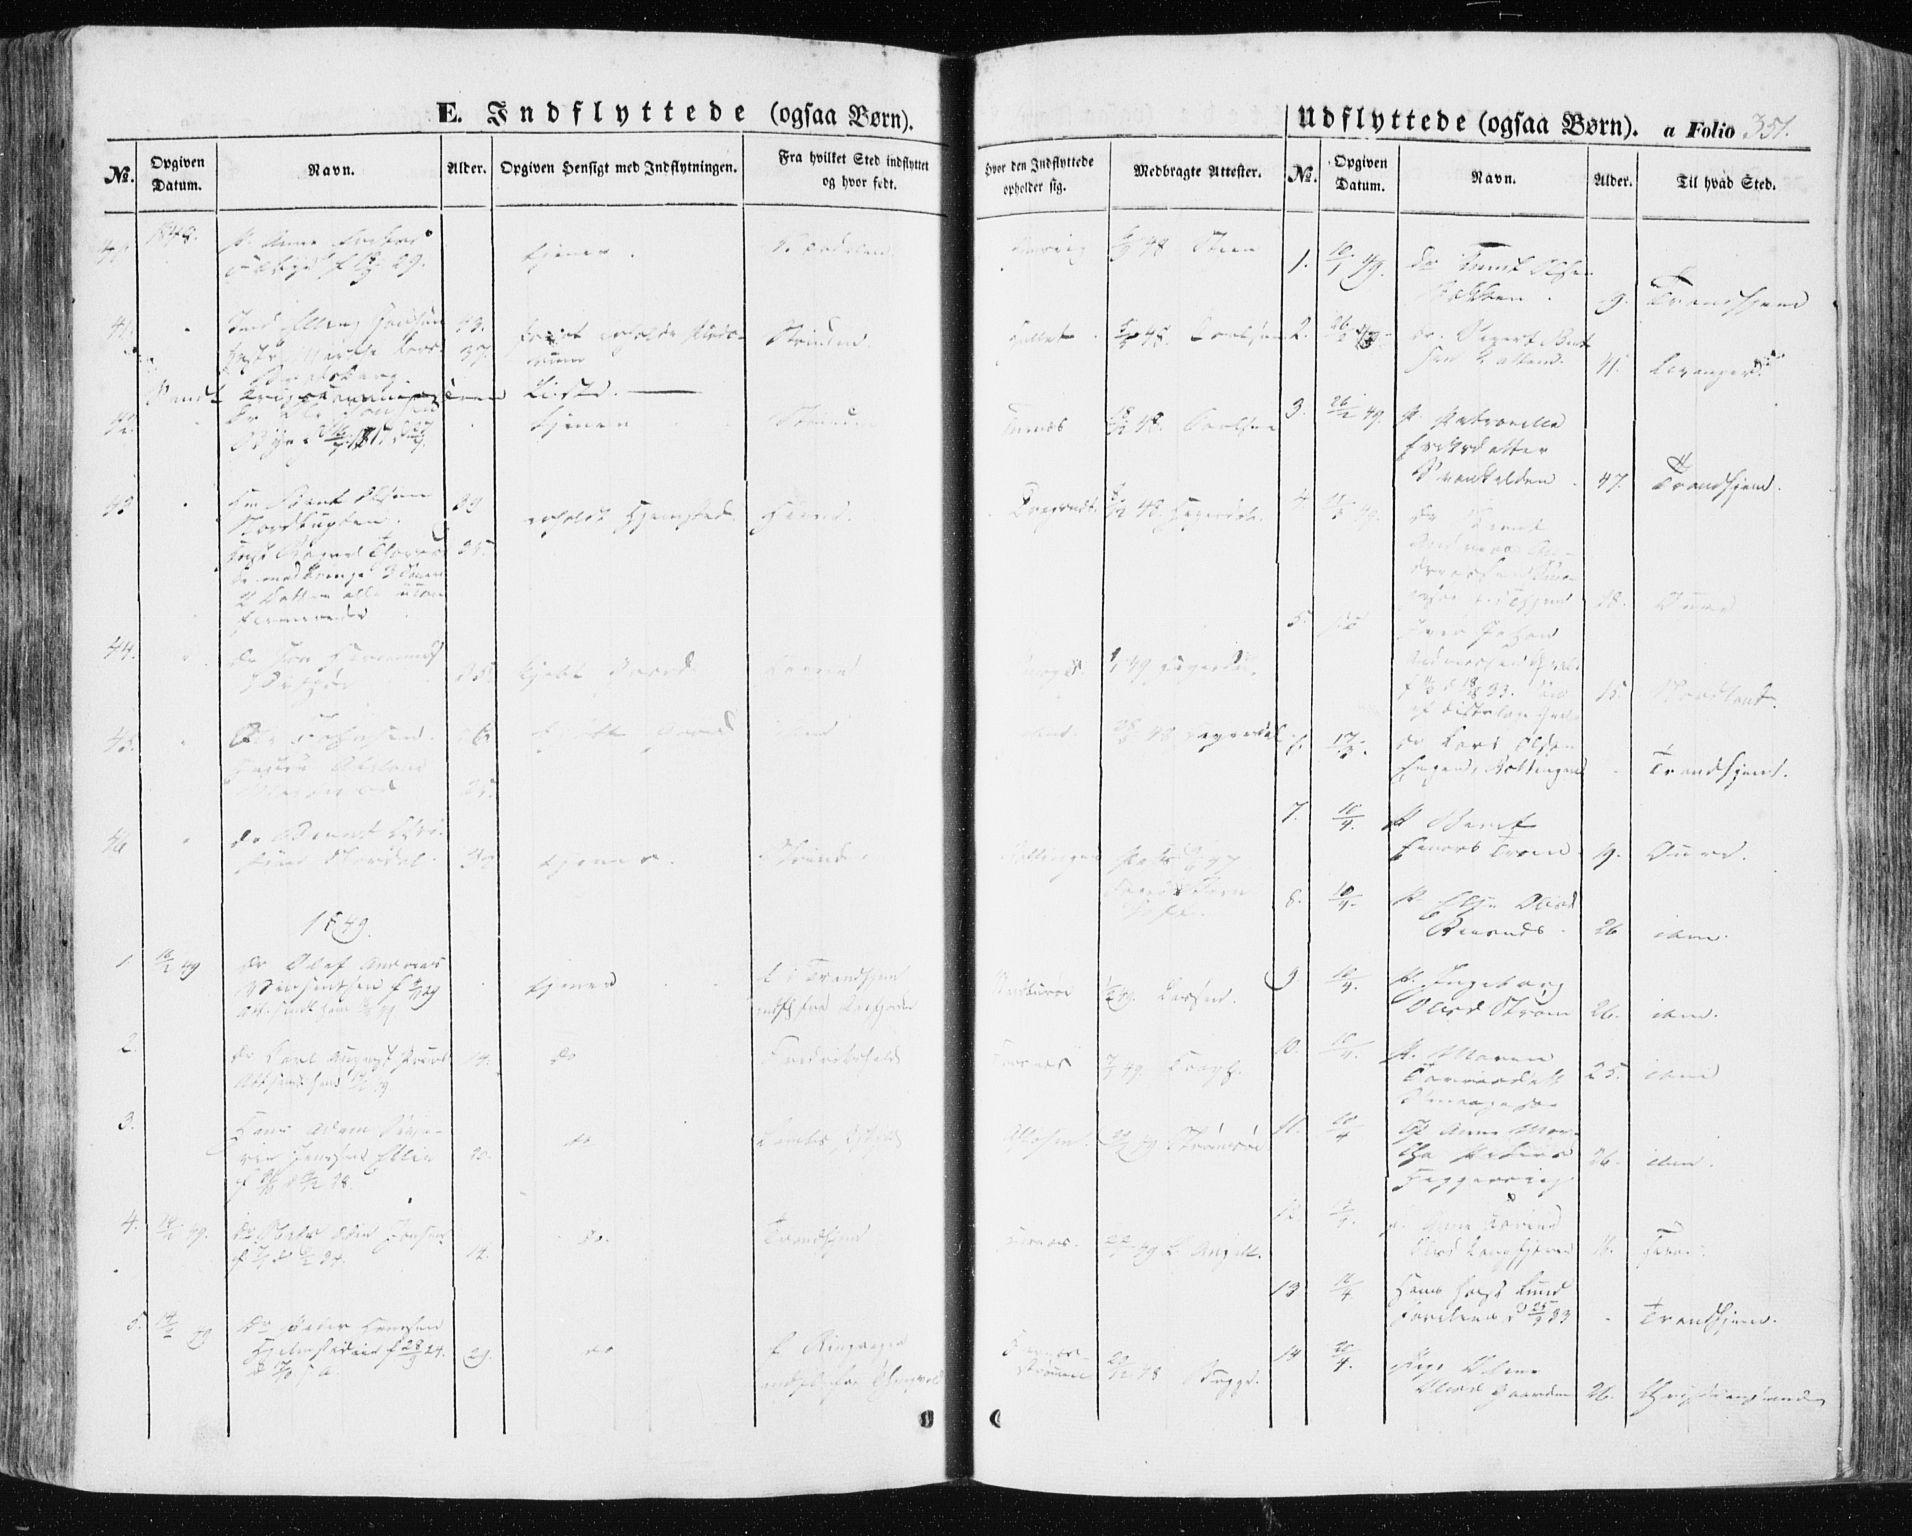 SAT, Ministerialprotokoller, klokkerbøker og fødselsregistre - Sør-Trøndelag, 634/L0529: Ministerialbok nr. 634A05, 1843-1851, s. 351